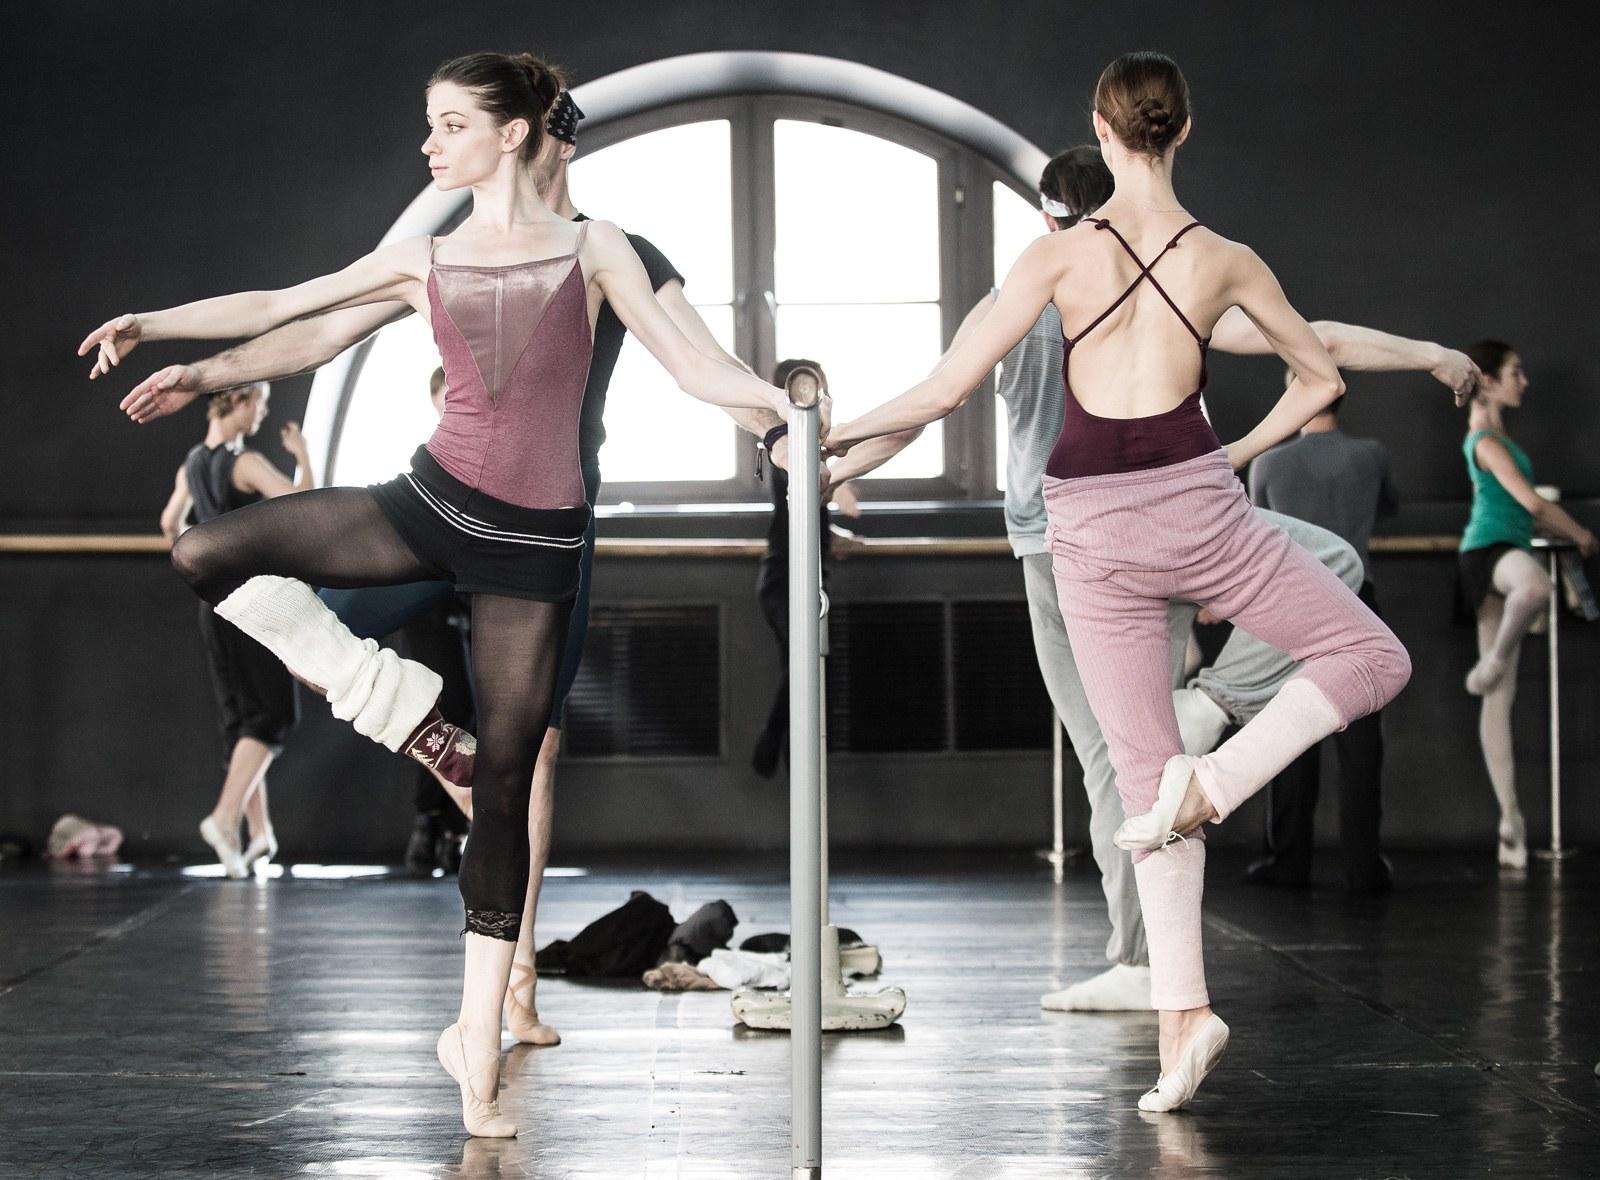 избавиться картинки с упражнениями в балете магнитах хороша тем